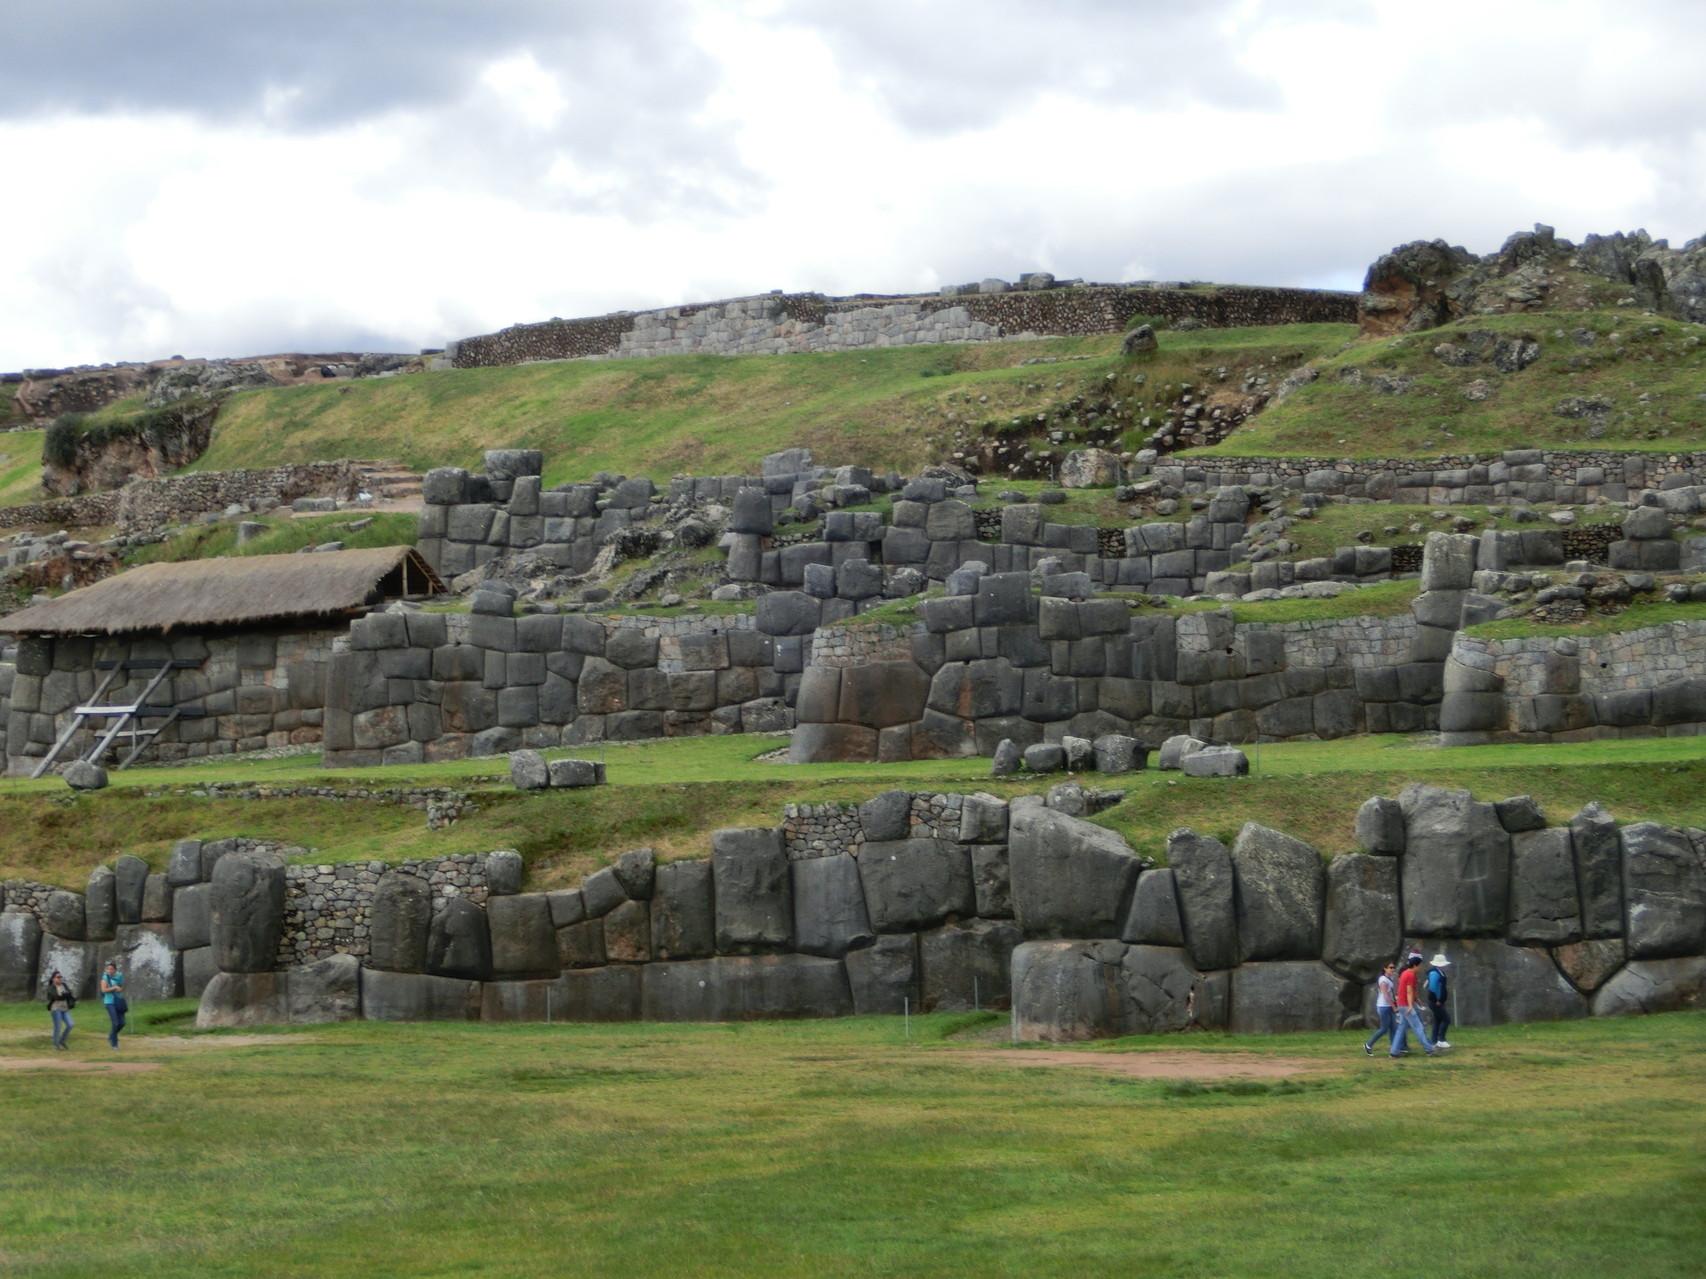 Saqsaywaman, eine alte Inkastätte oberhalb von Cusco